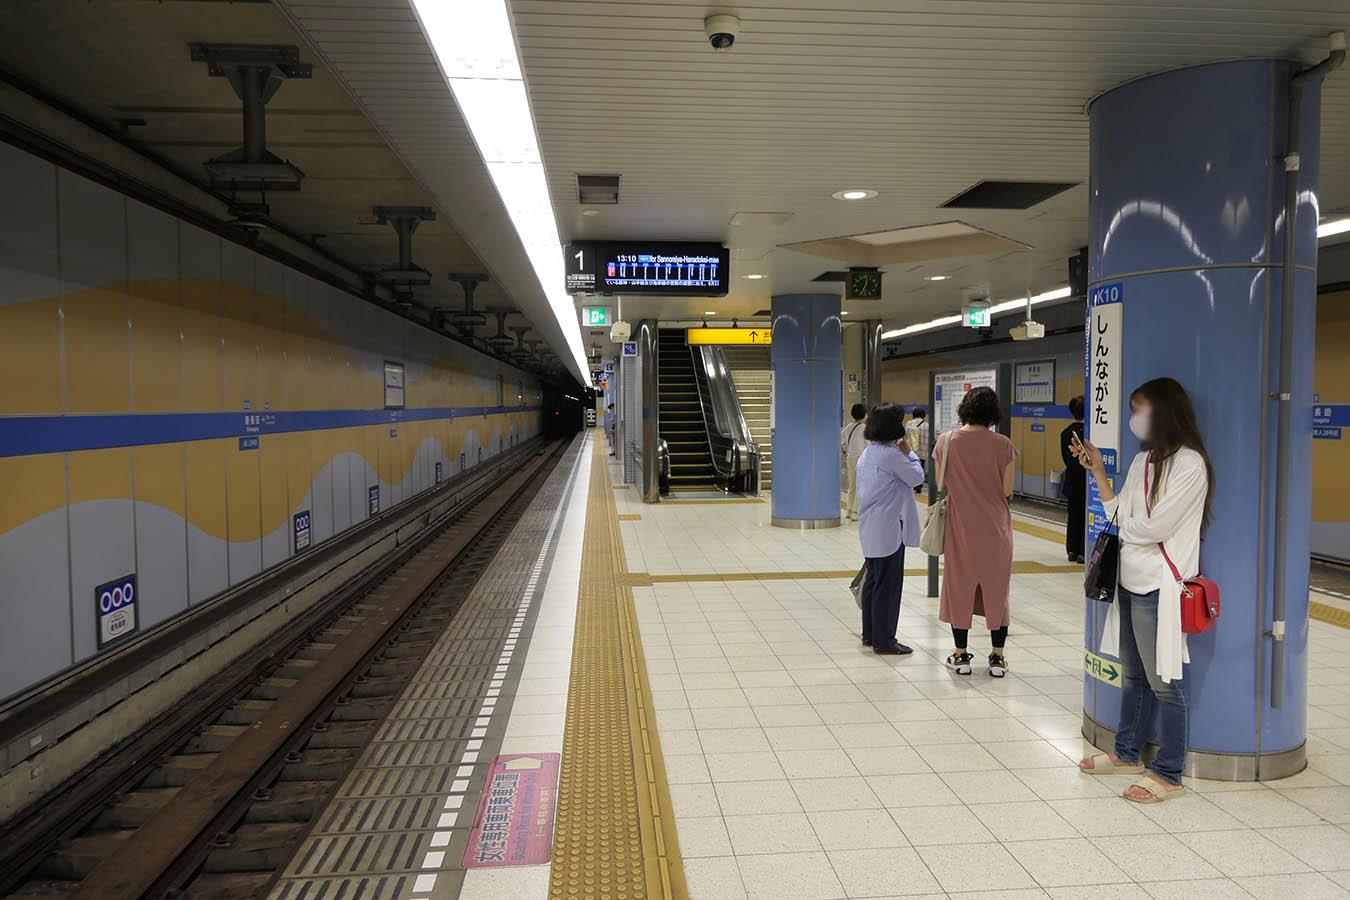 K10_photo02.jpg